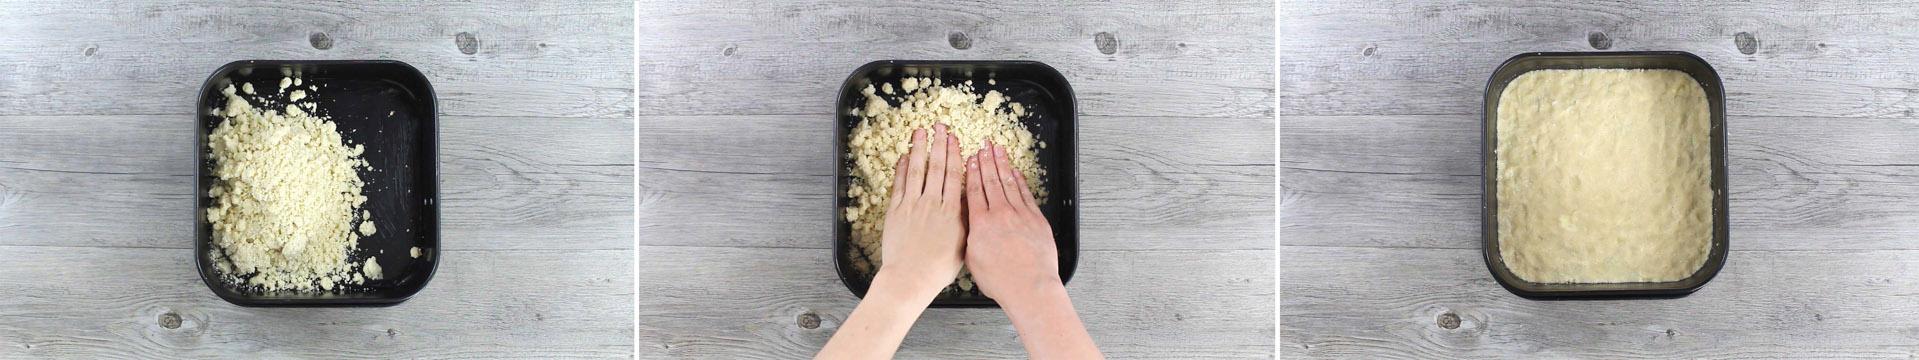 crostata fragolina preparazione